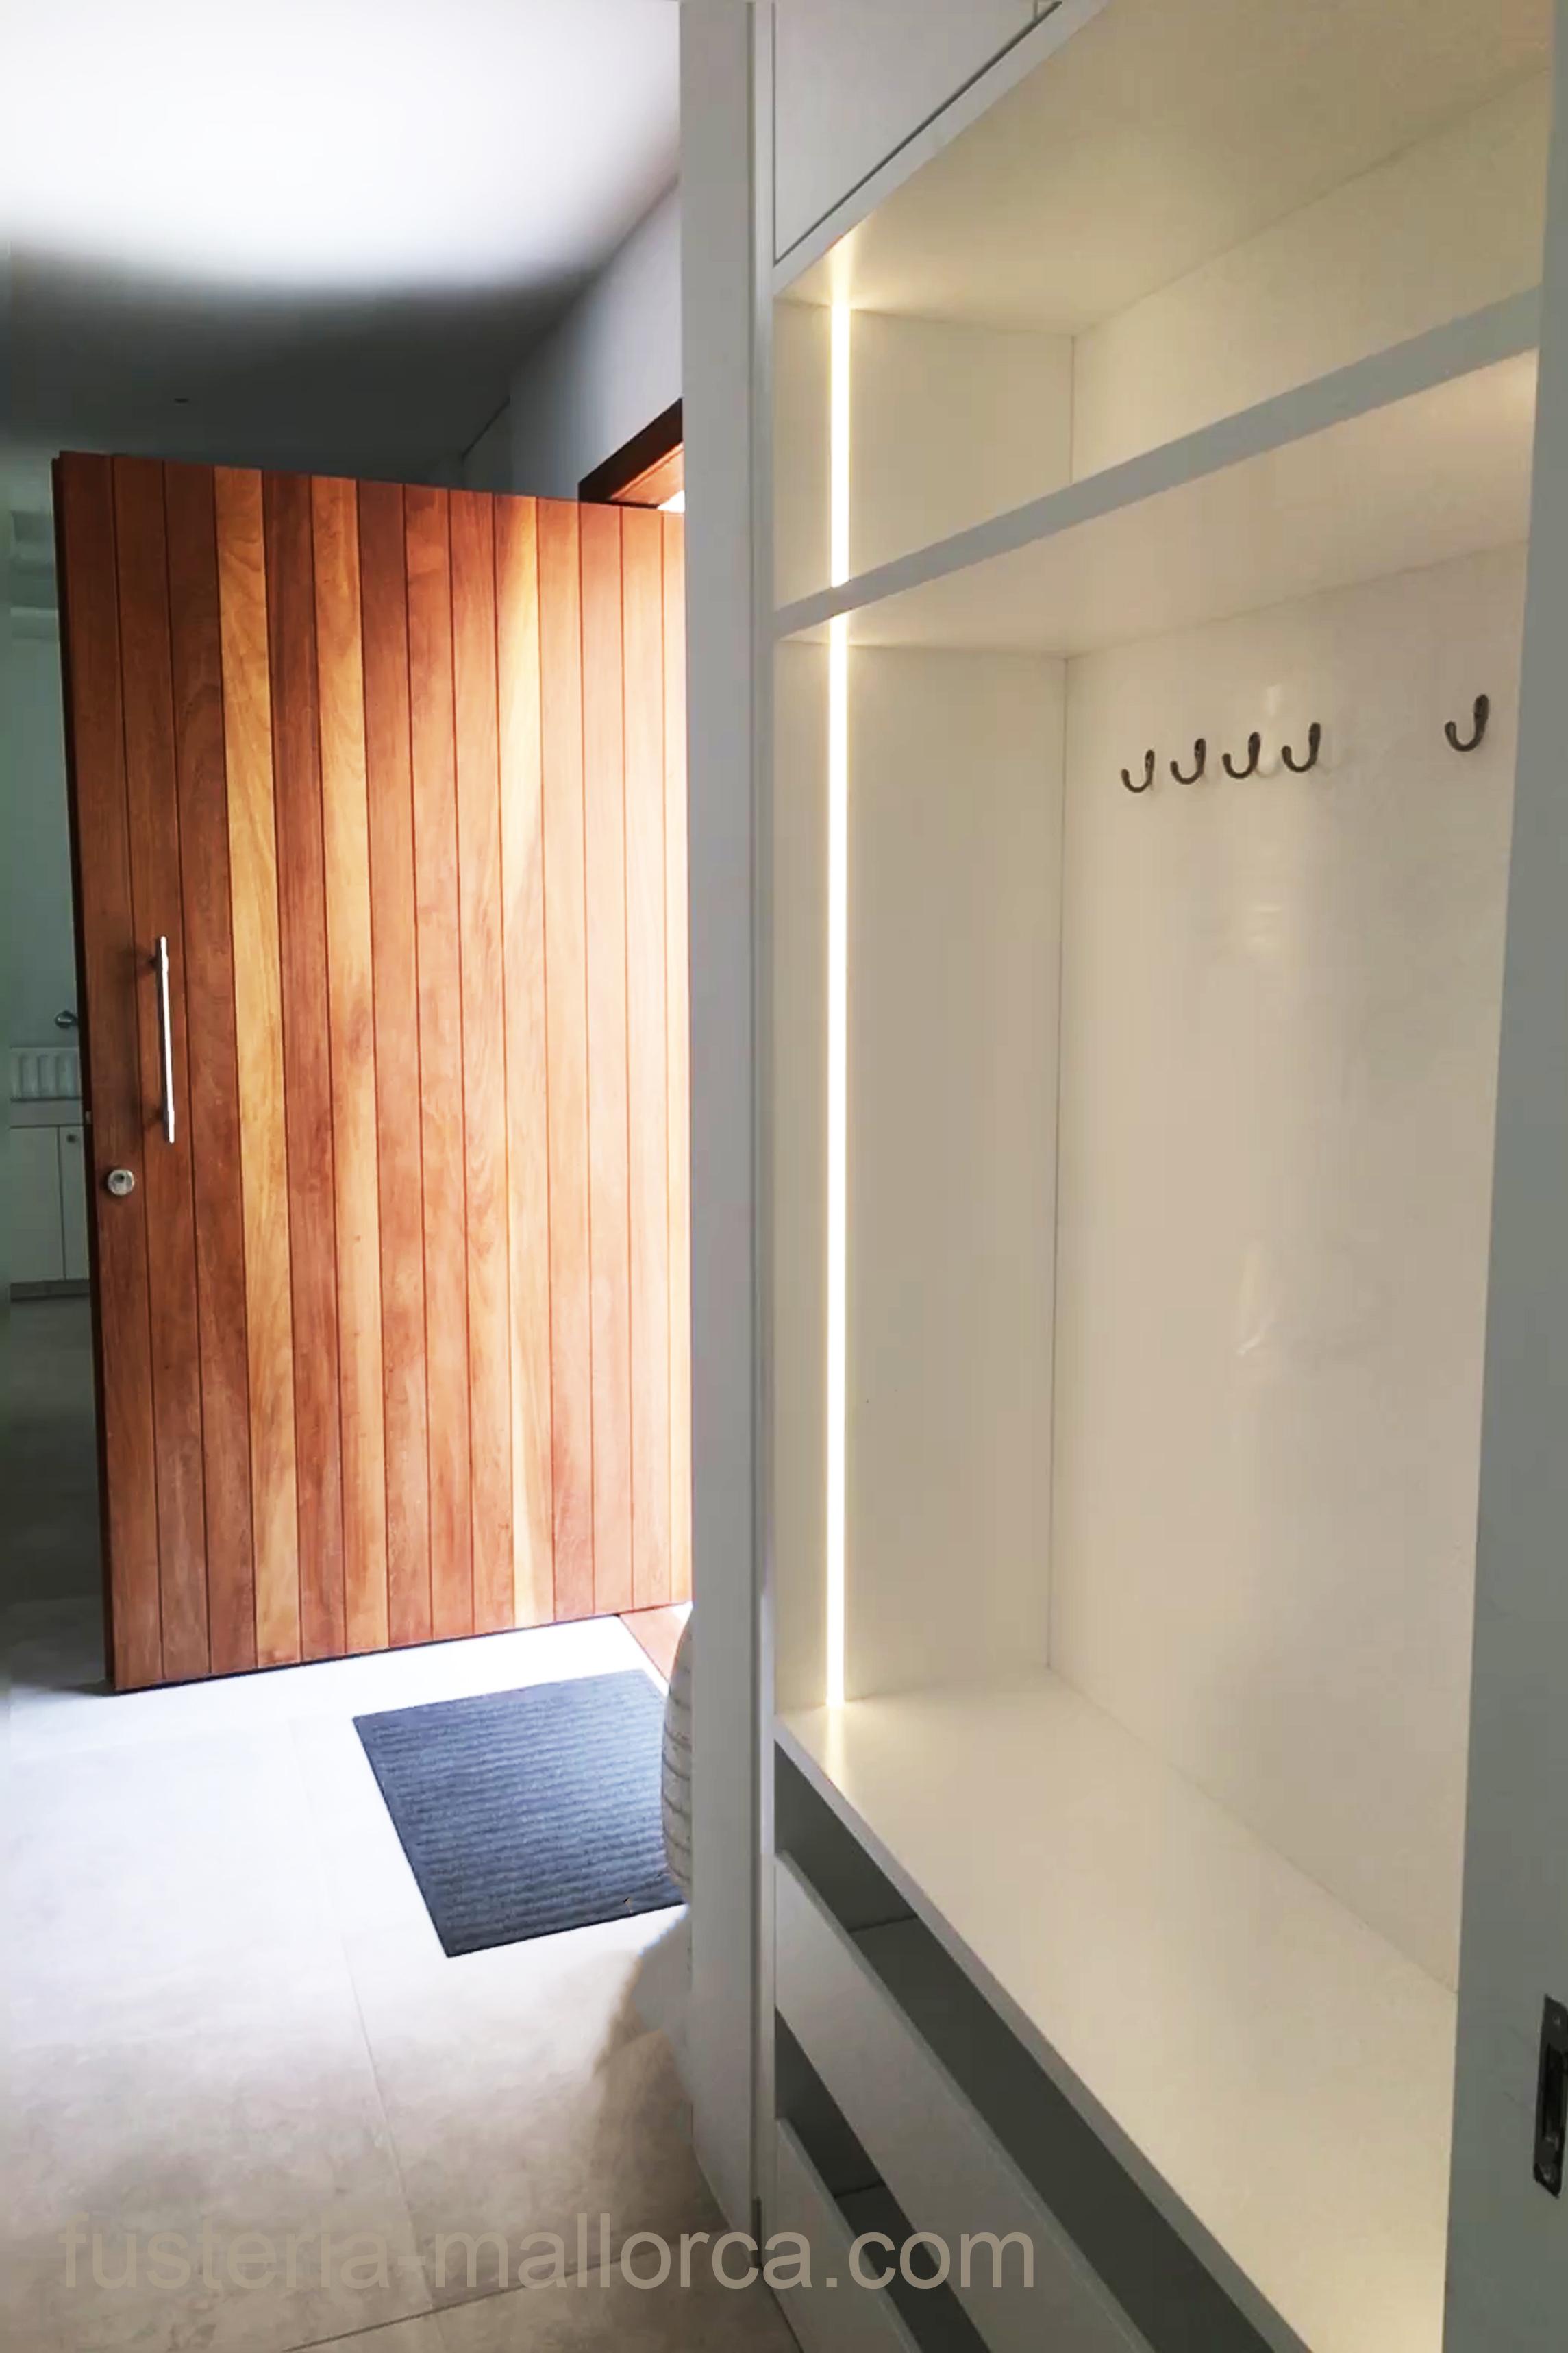 #wood #art #design #holz #kunst #design #madera #arte #cupboard #walkincupboard #kleiderschrank #amario #white #weiß #blanco